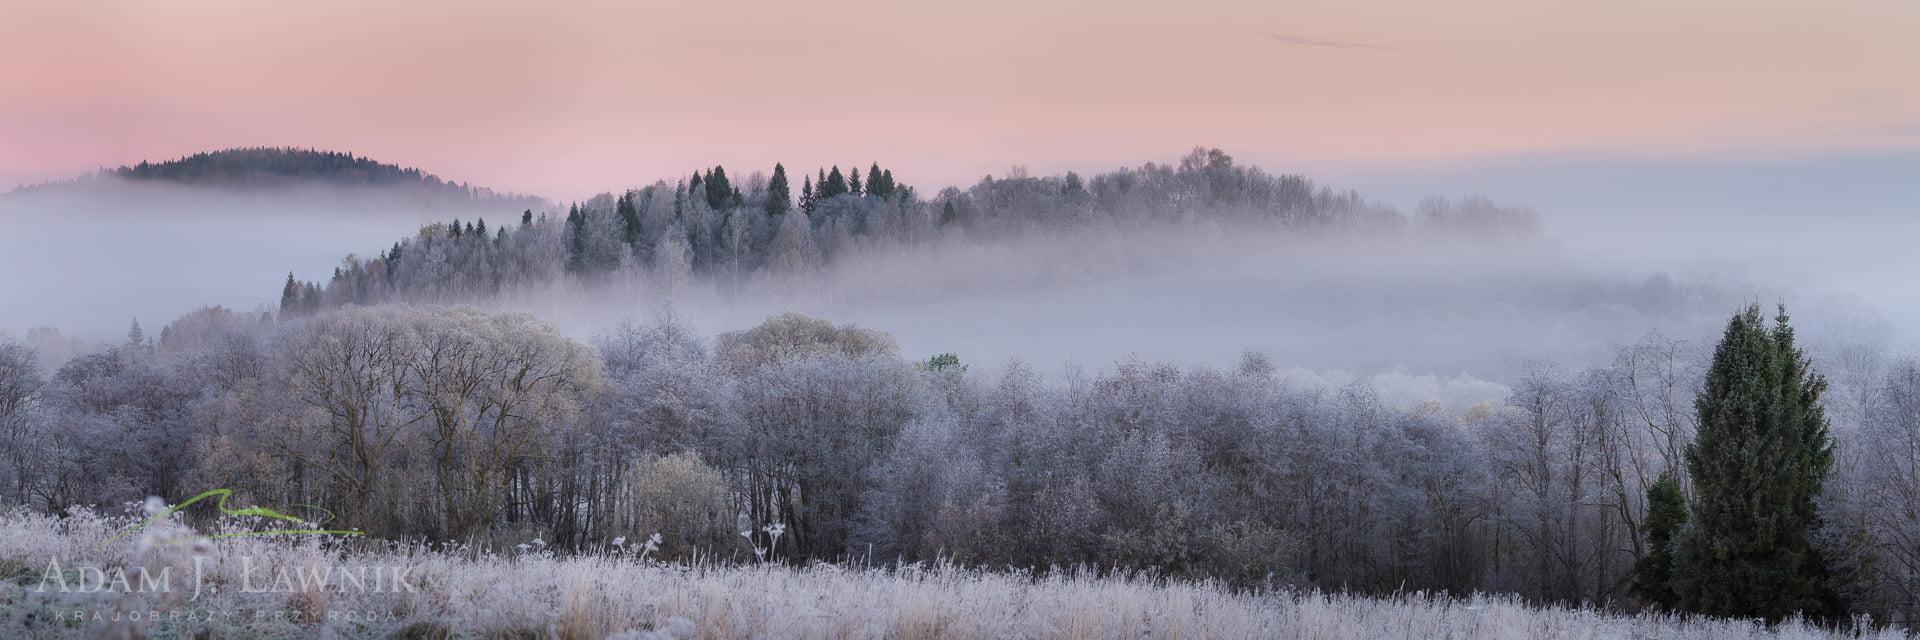 Bieszczady National Park, Poland 1410-01399C